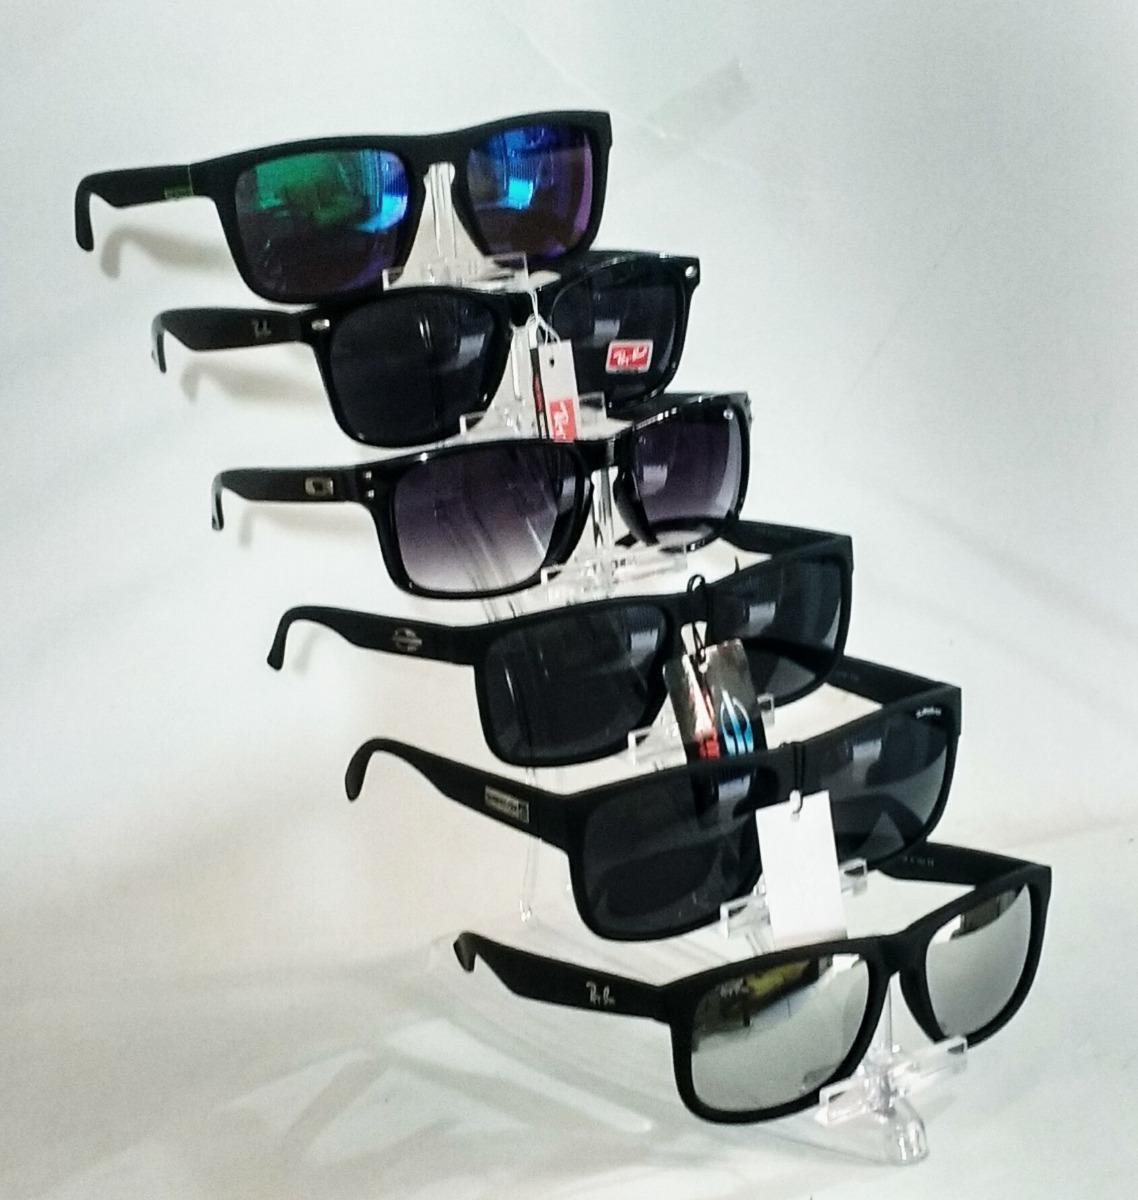 42ebeaea98c73 Oculos De Sol Atacado Kit Com 15 Peças - R  180,00 em Mercado Livre